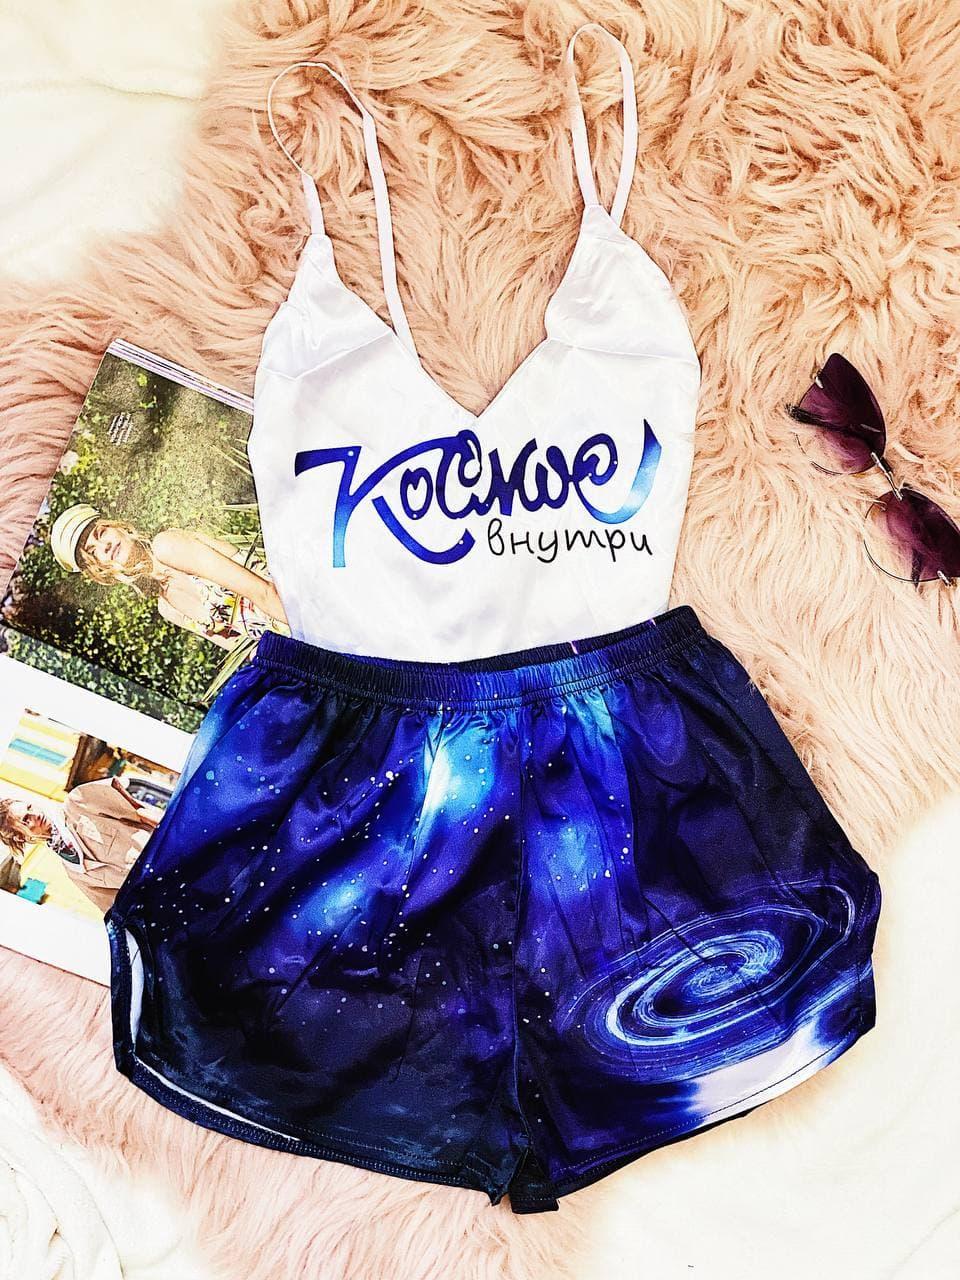 Шелковая пижама Топ белый на бретелях ( регулируются) и шортики Космос внутри Шелк Армани синего цвета